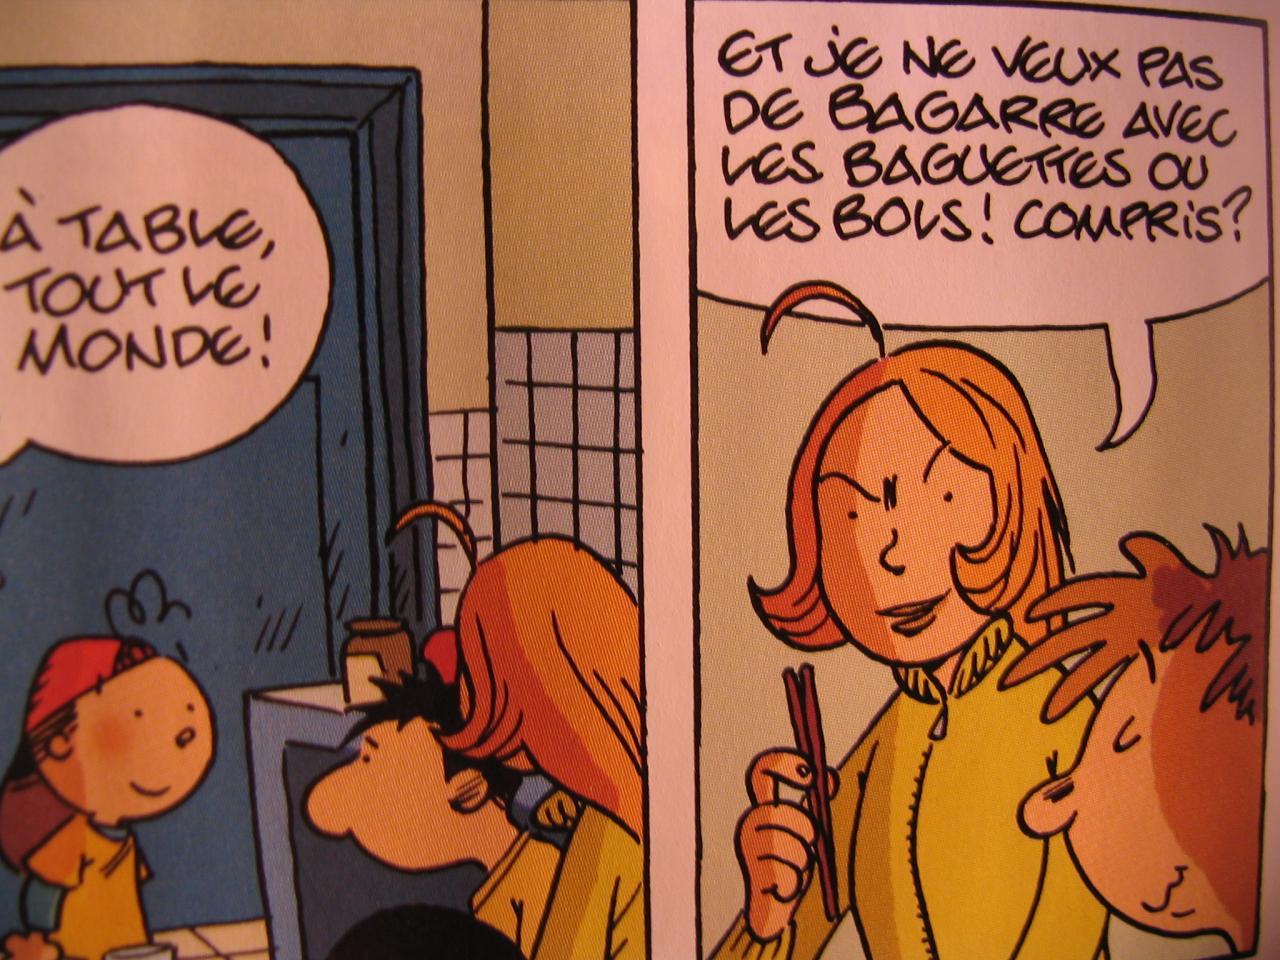 baguettes2